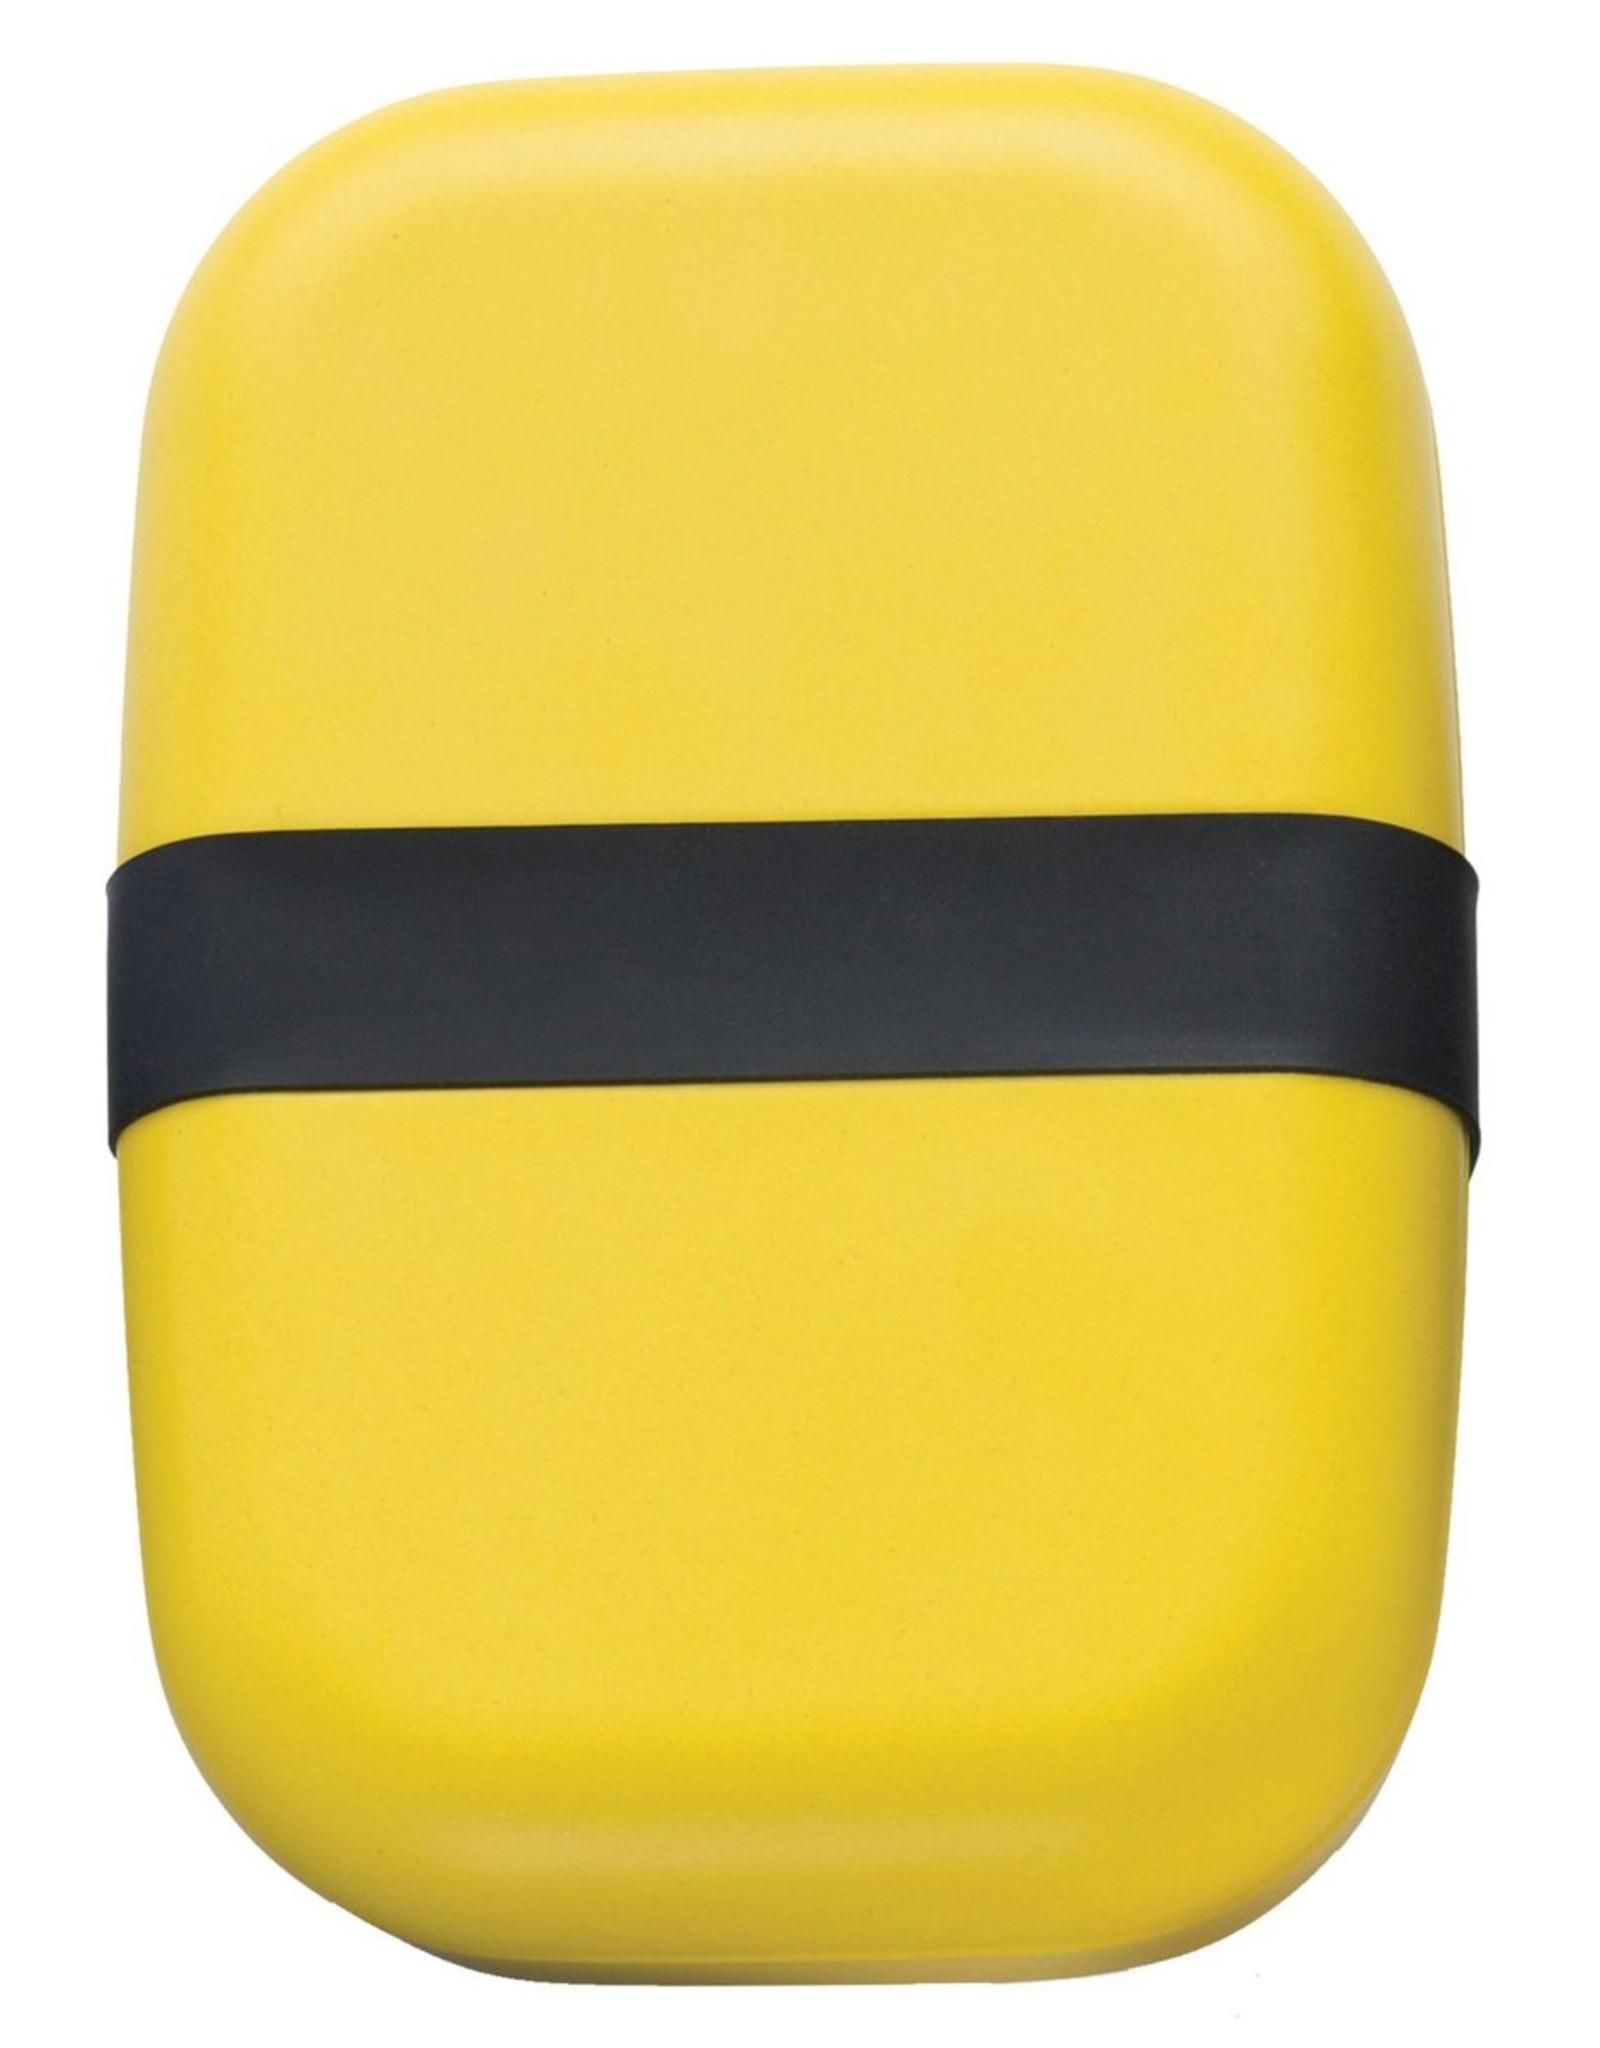 Ekobo Langwerpige bento lunchbox  in bamboe - Lemon